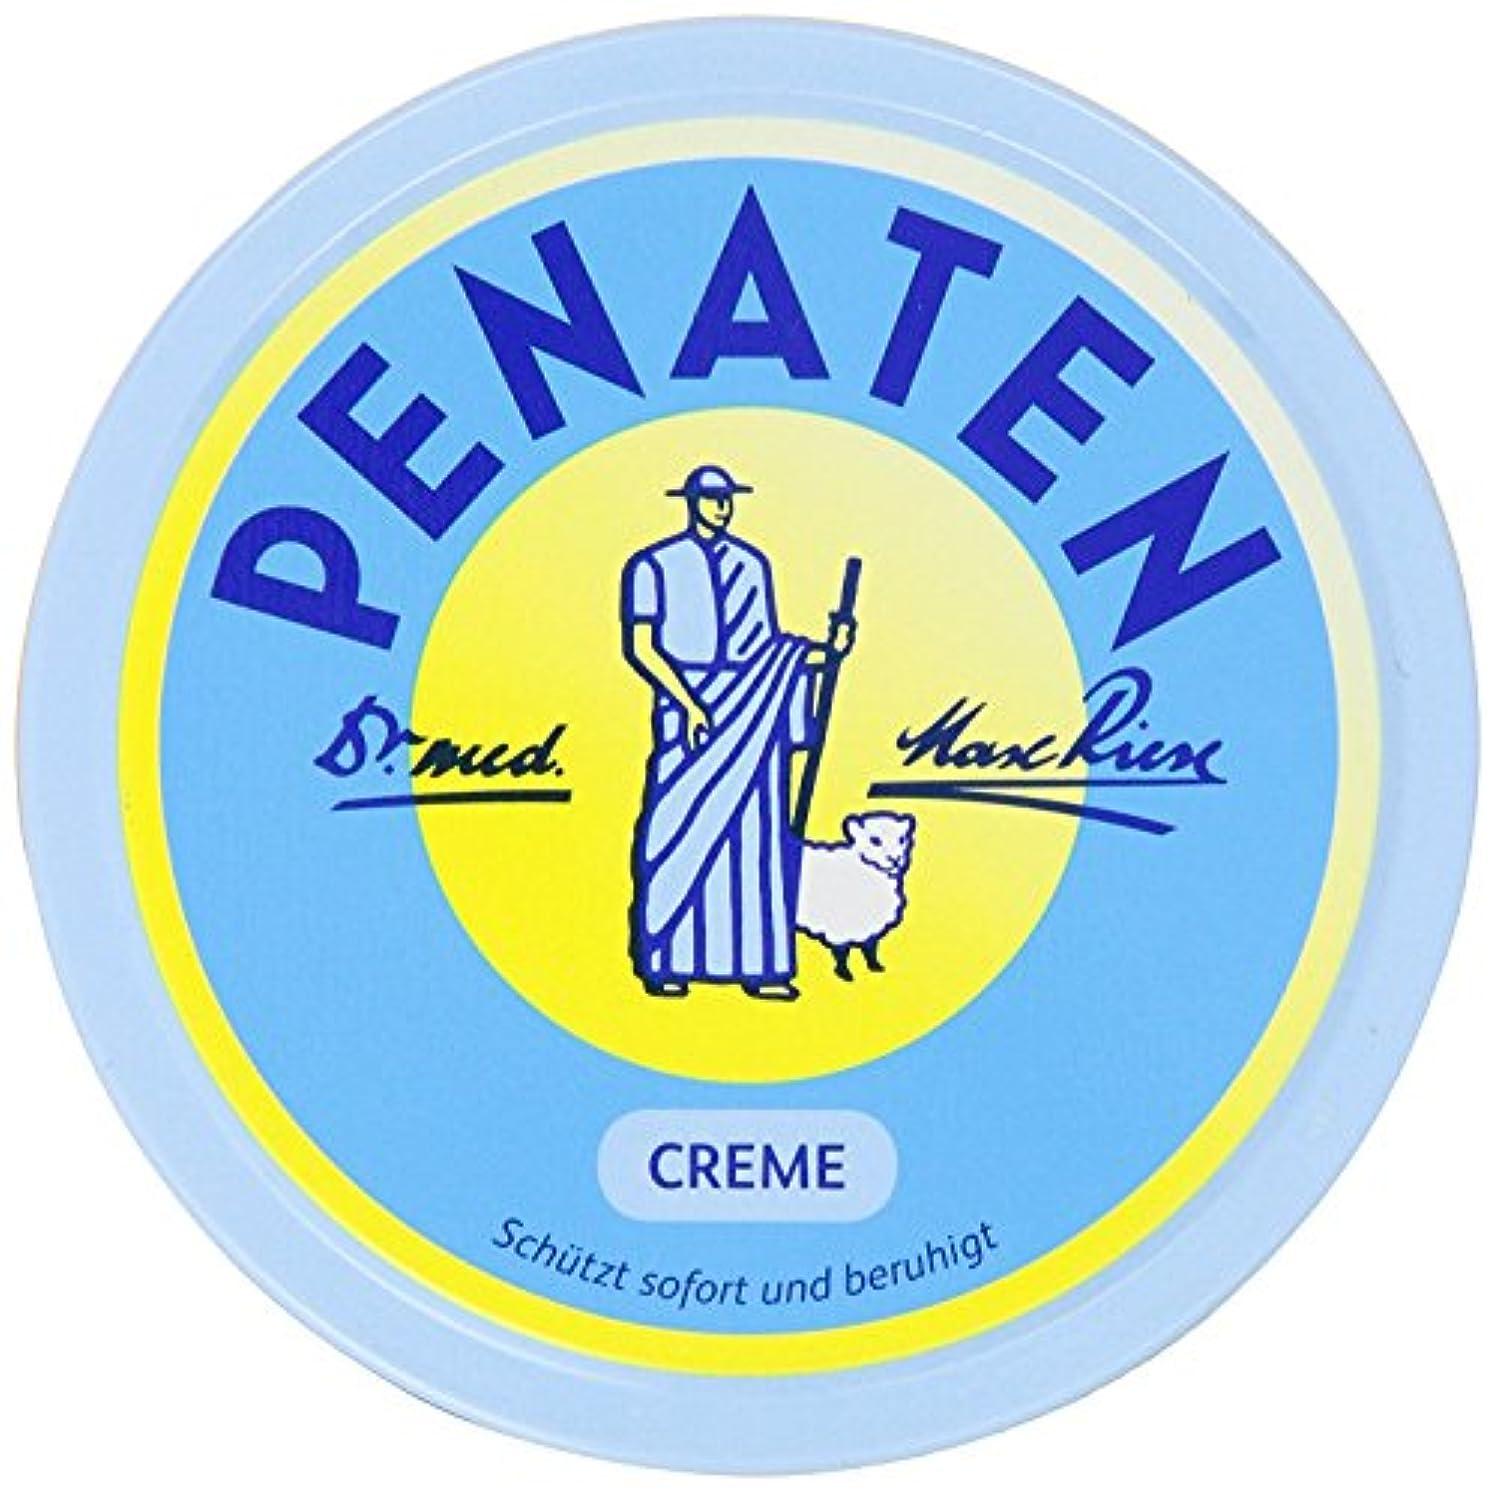 ギャラリー息苦しい以来(ペナテン) Penaten Baby Creme 150 ml, 2er Pack (2 x 150 ml) (並行輸入品) shumaman